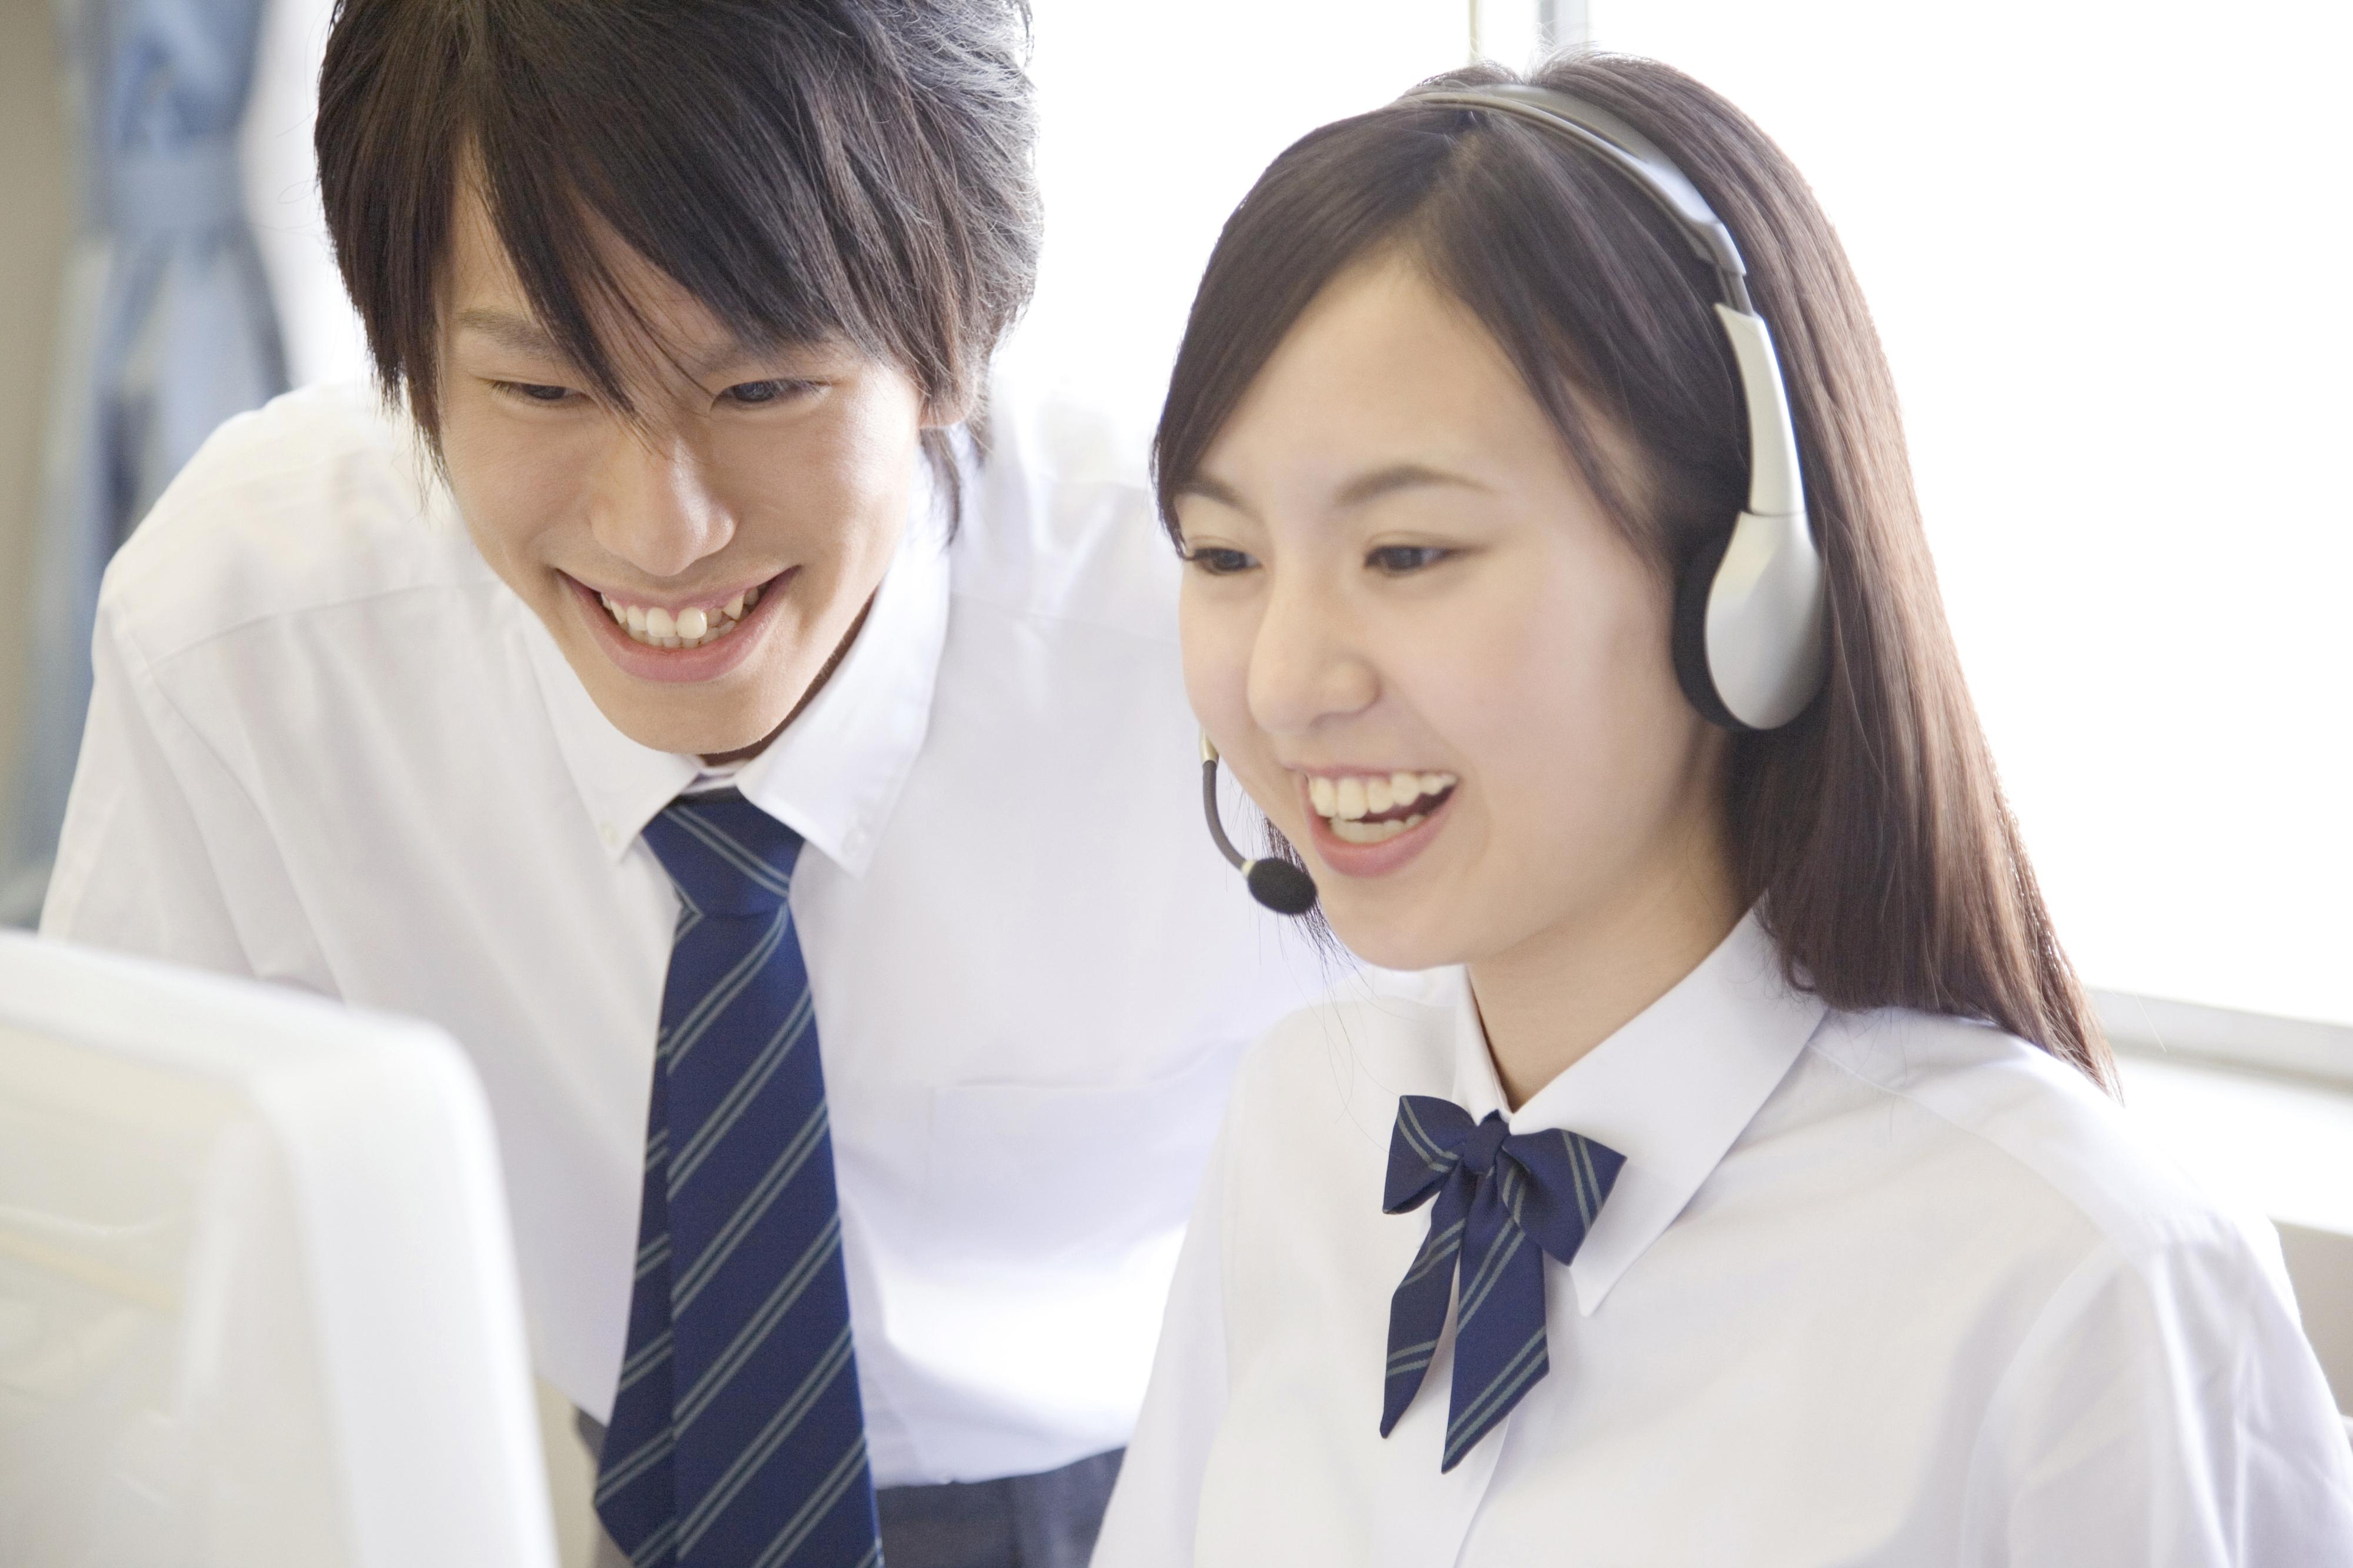 高校生オンライン講座 - 平成学院